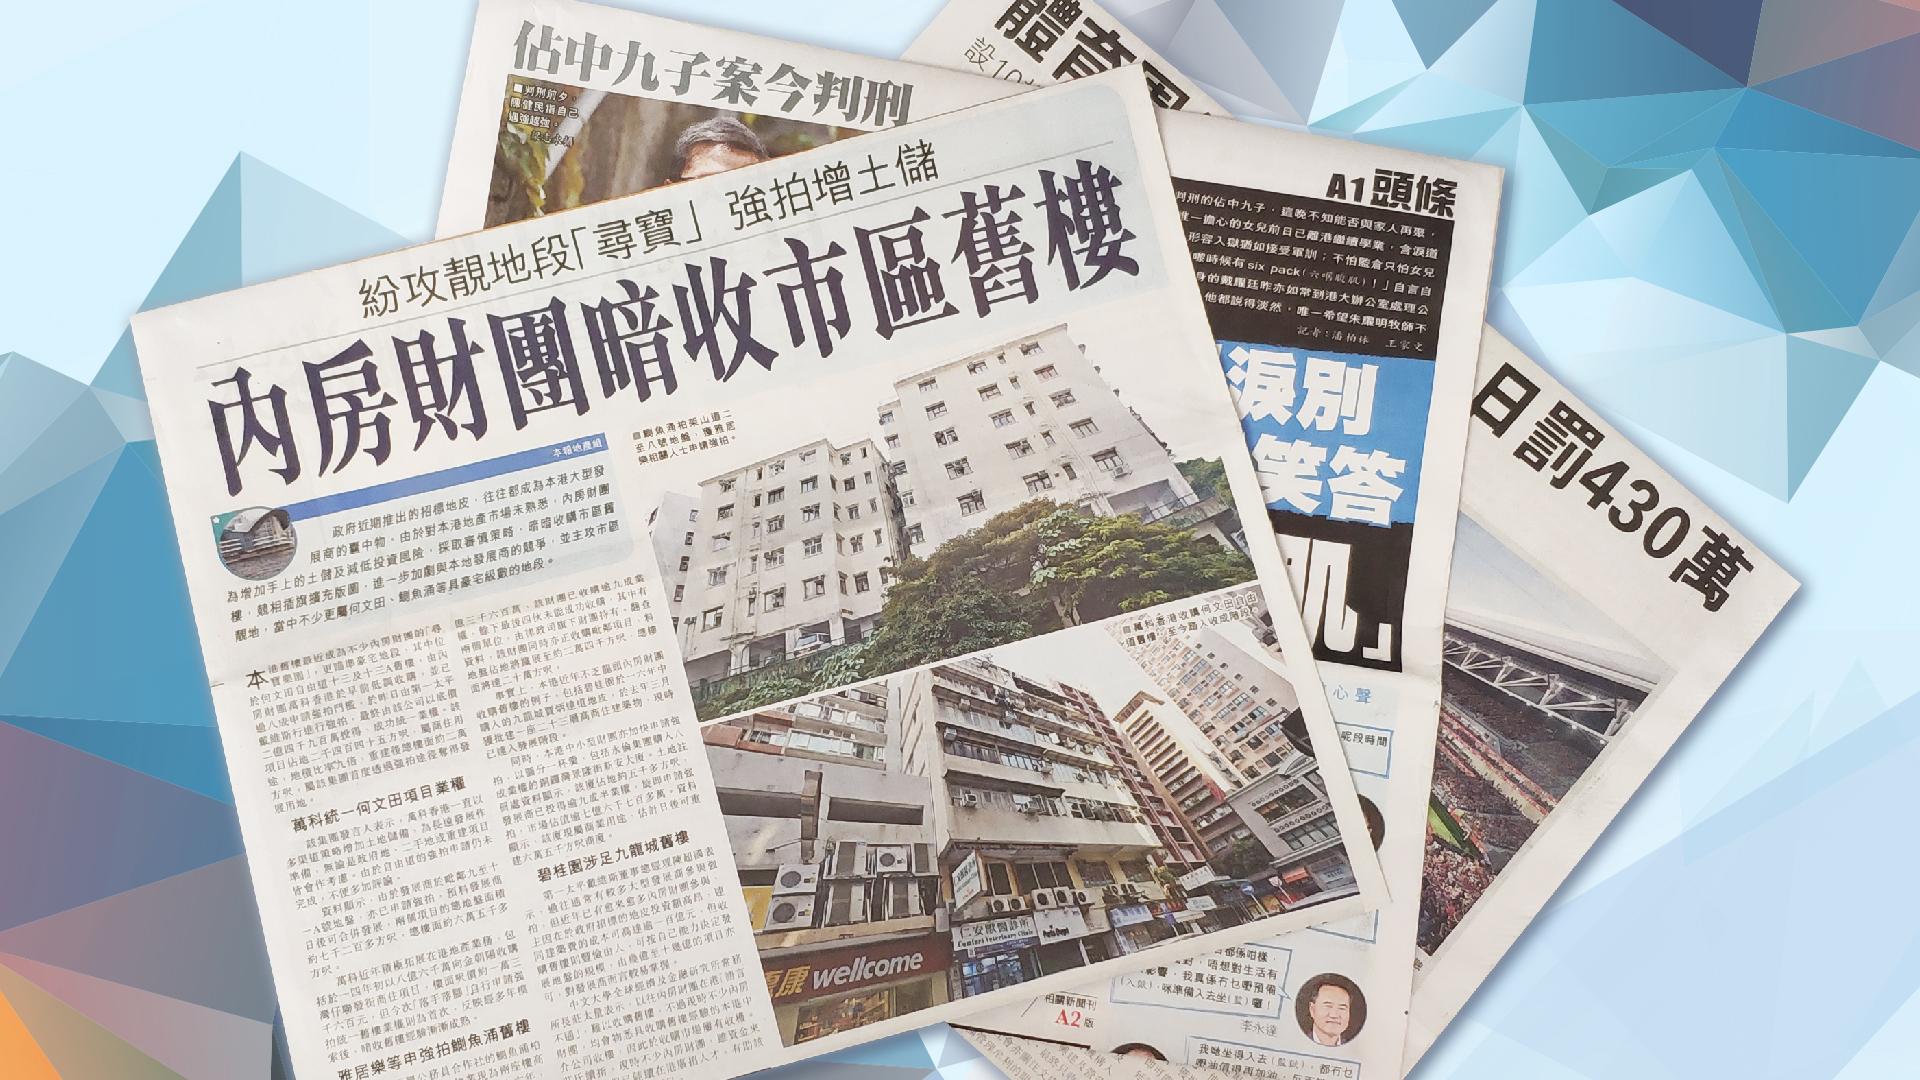 【報章A1速覽】內房財團暗收市區舊樓;佔中九子案今判刑